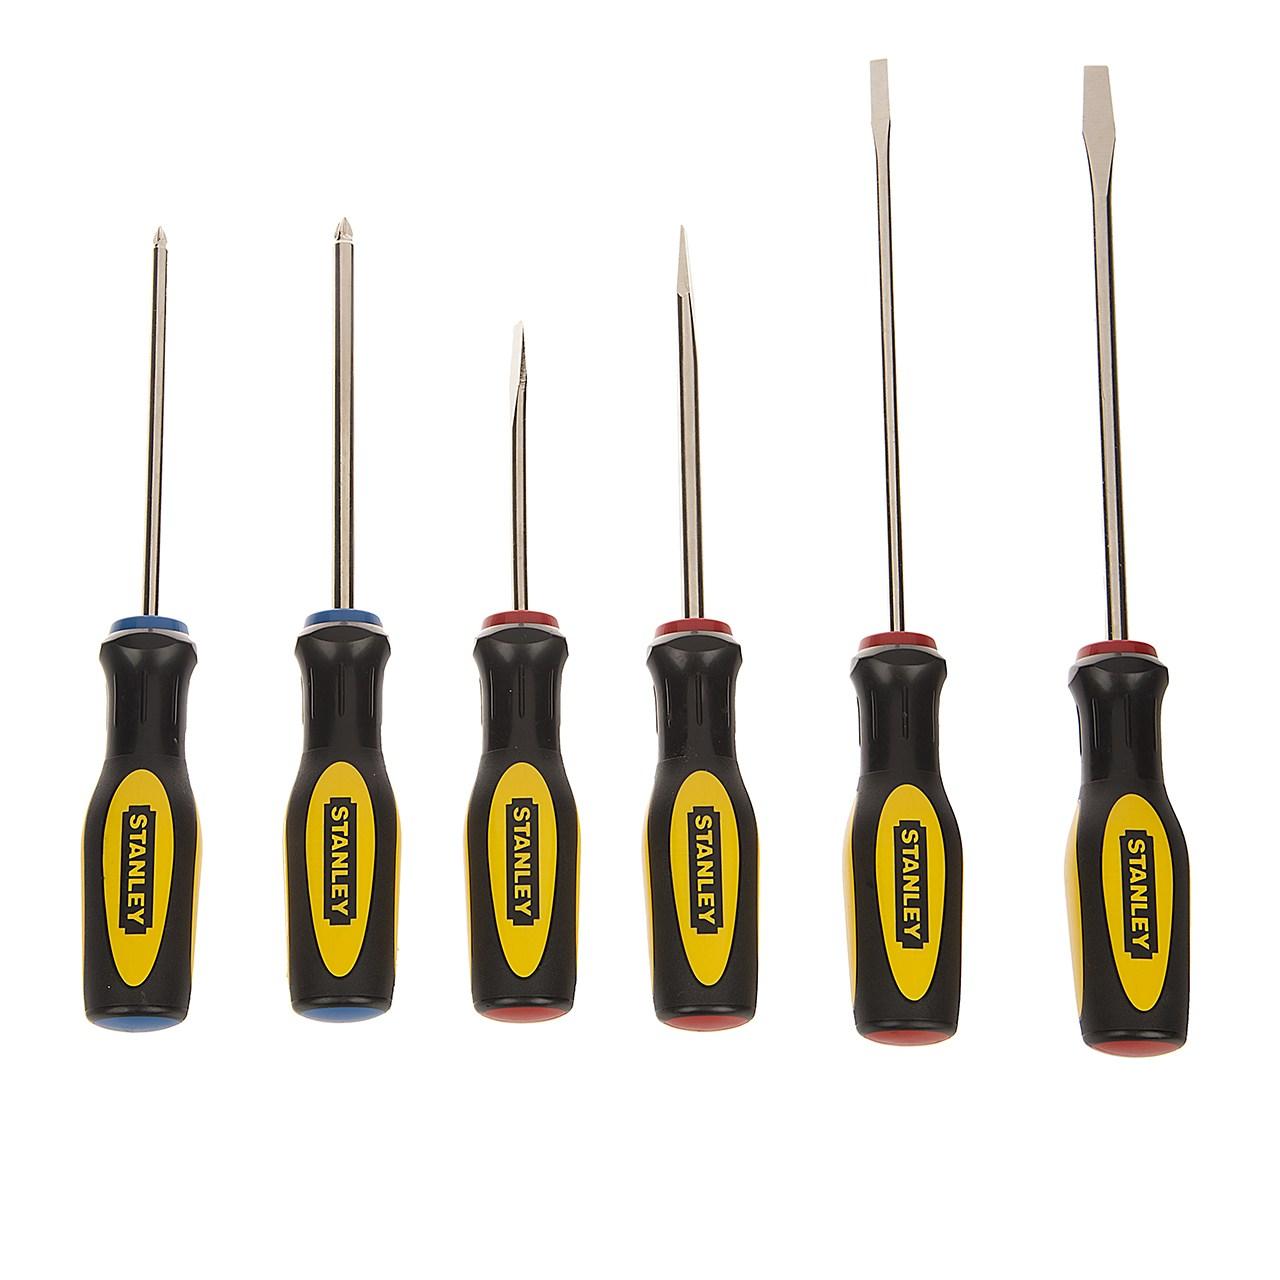 مجموعه 6 عددی پیچ گوشتی استنلی مدل 060-60